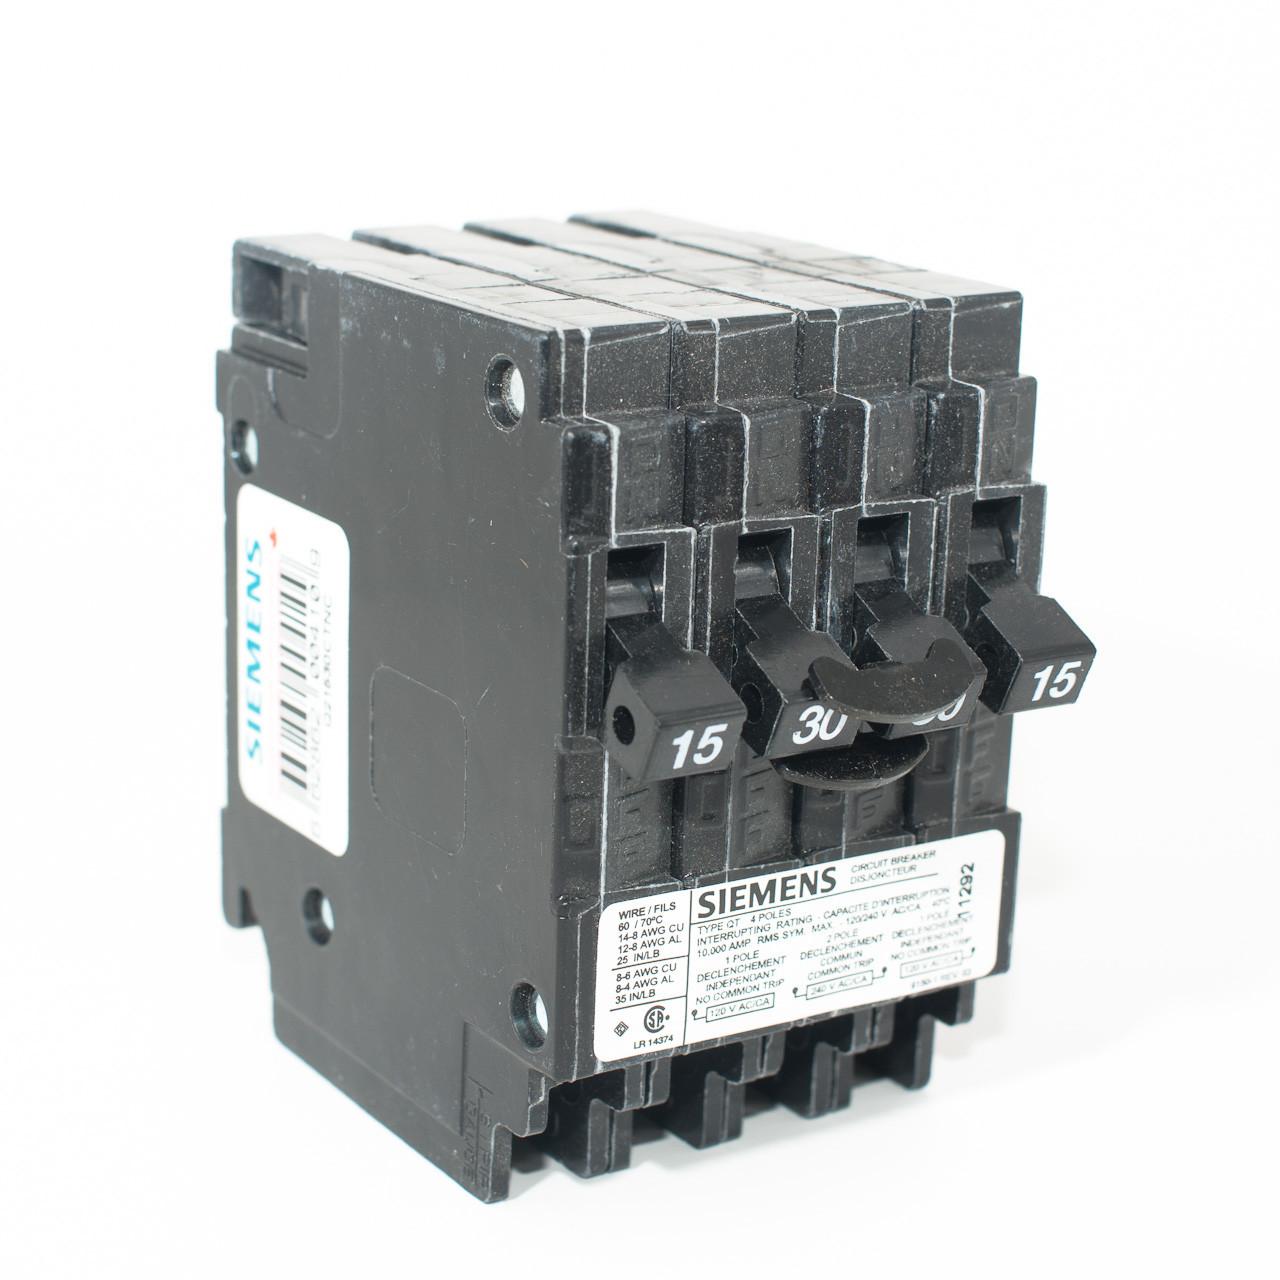 siemens q21530ctnc 15 2p30 15 quad push on breaker tremtech electrical systems inc [ 1280 x 1280 Pixel ]